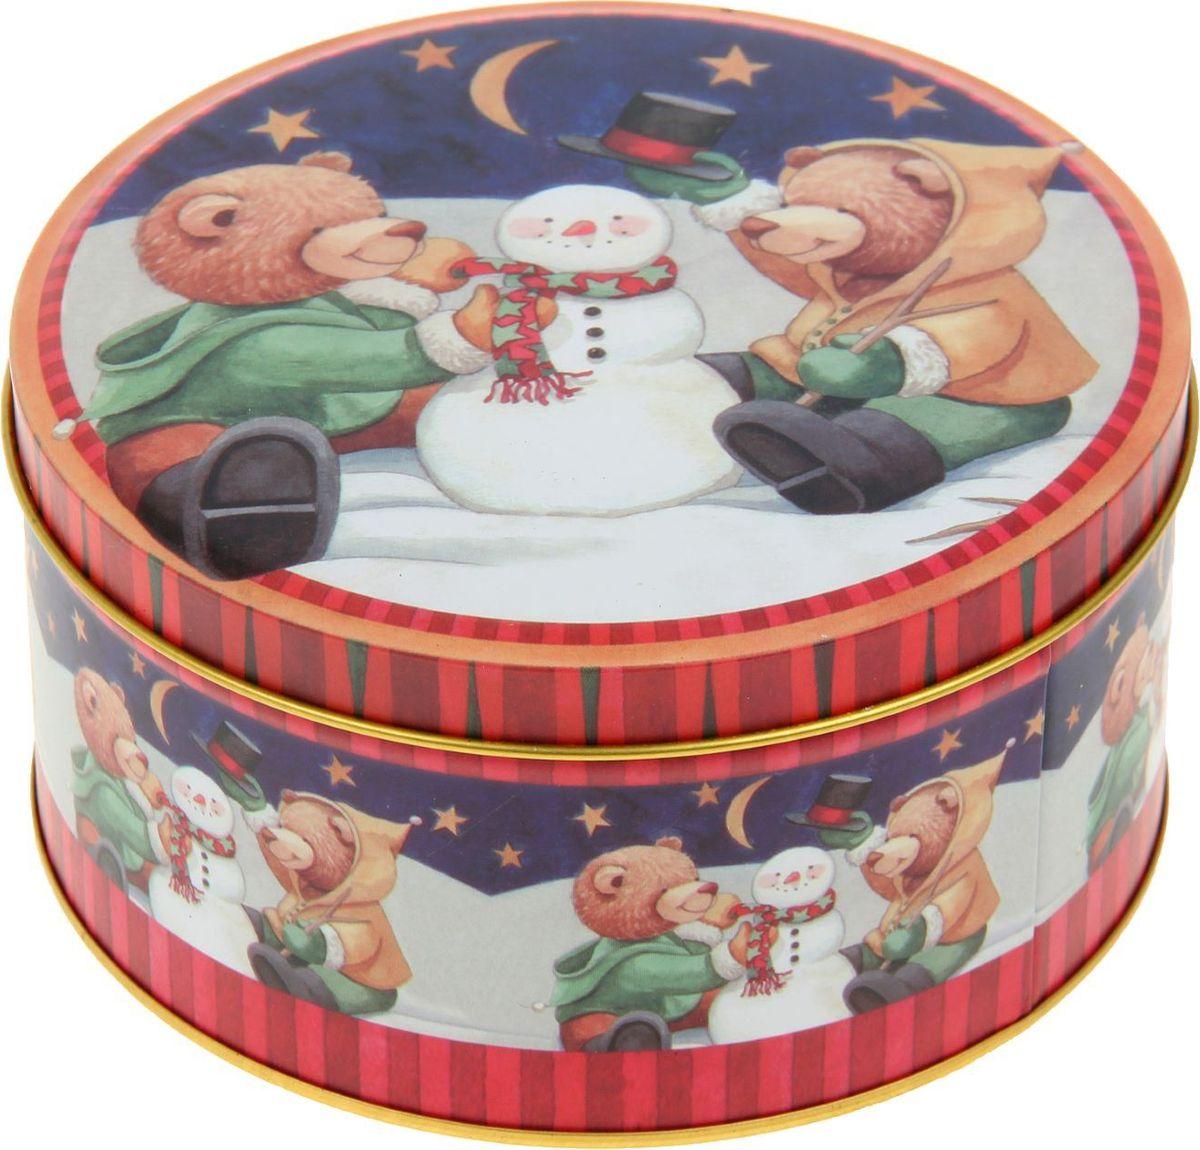 Шкатулка Sima-land Медвежата наряжают елку, цвет: красный, 7 х 13,5 х 13,5 см2266320Шкатулка — это небольшой сувенир, а также оригинальная упаковка подарка. Она дополнит интерьер спальни, гостиной или прихожей. Изделие предназначено для хранения украшений: колец, браслетов, часов, цепочек, колье, сережек и прочих предметов.